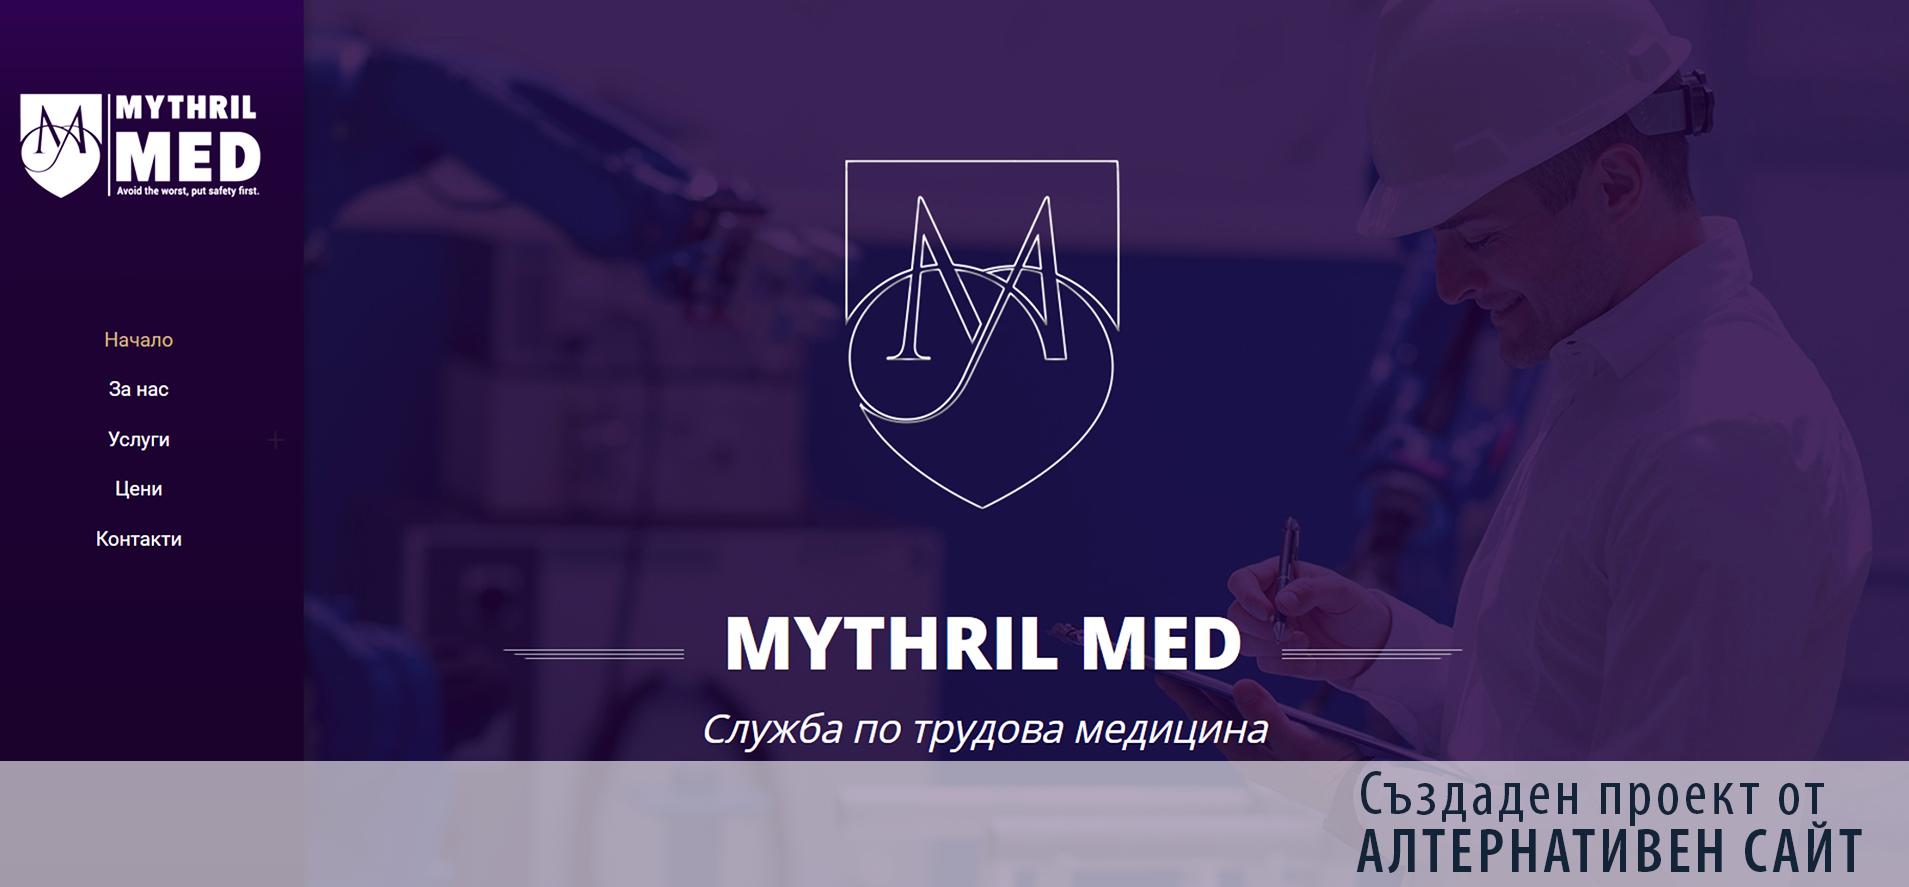 Изработка на сайт за служба по трудова медицина